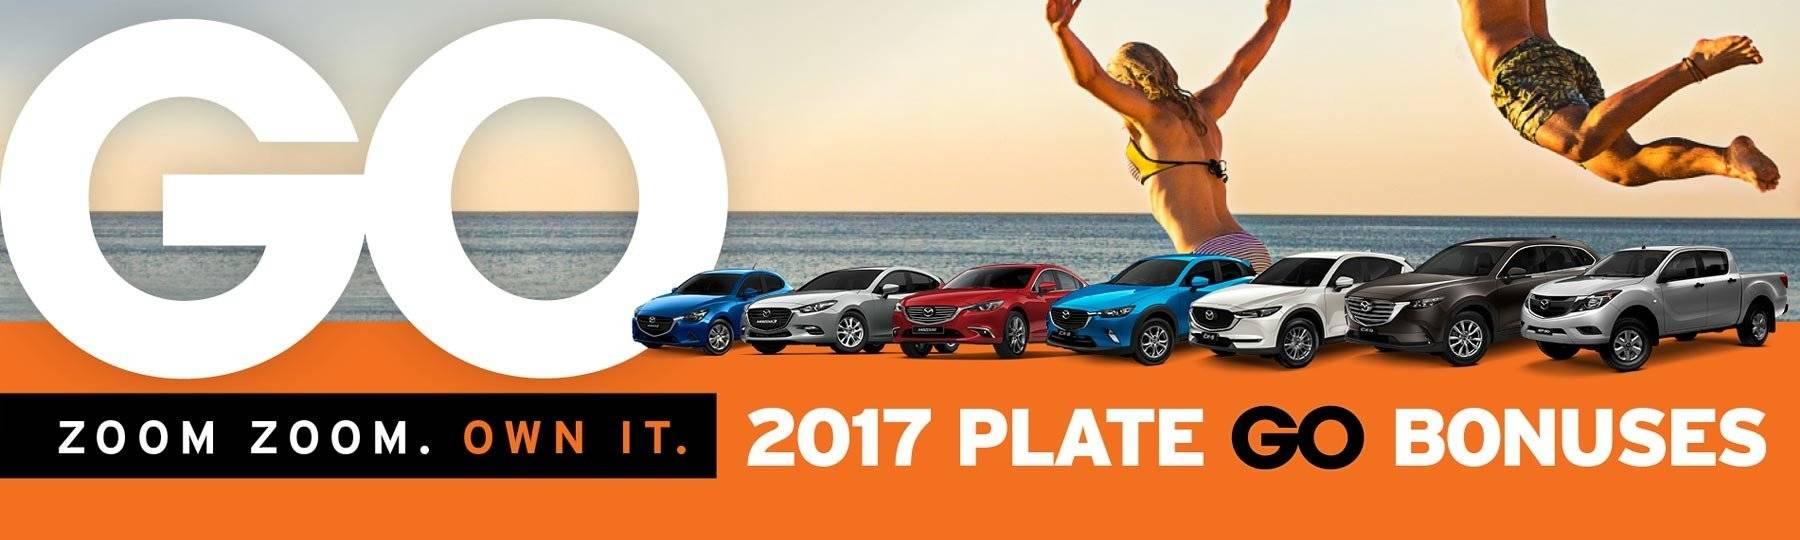 Rockdale Mazda Go Plate Bonuses